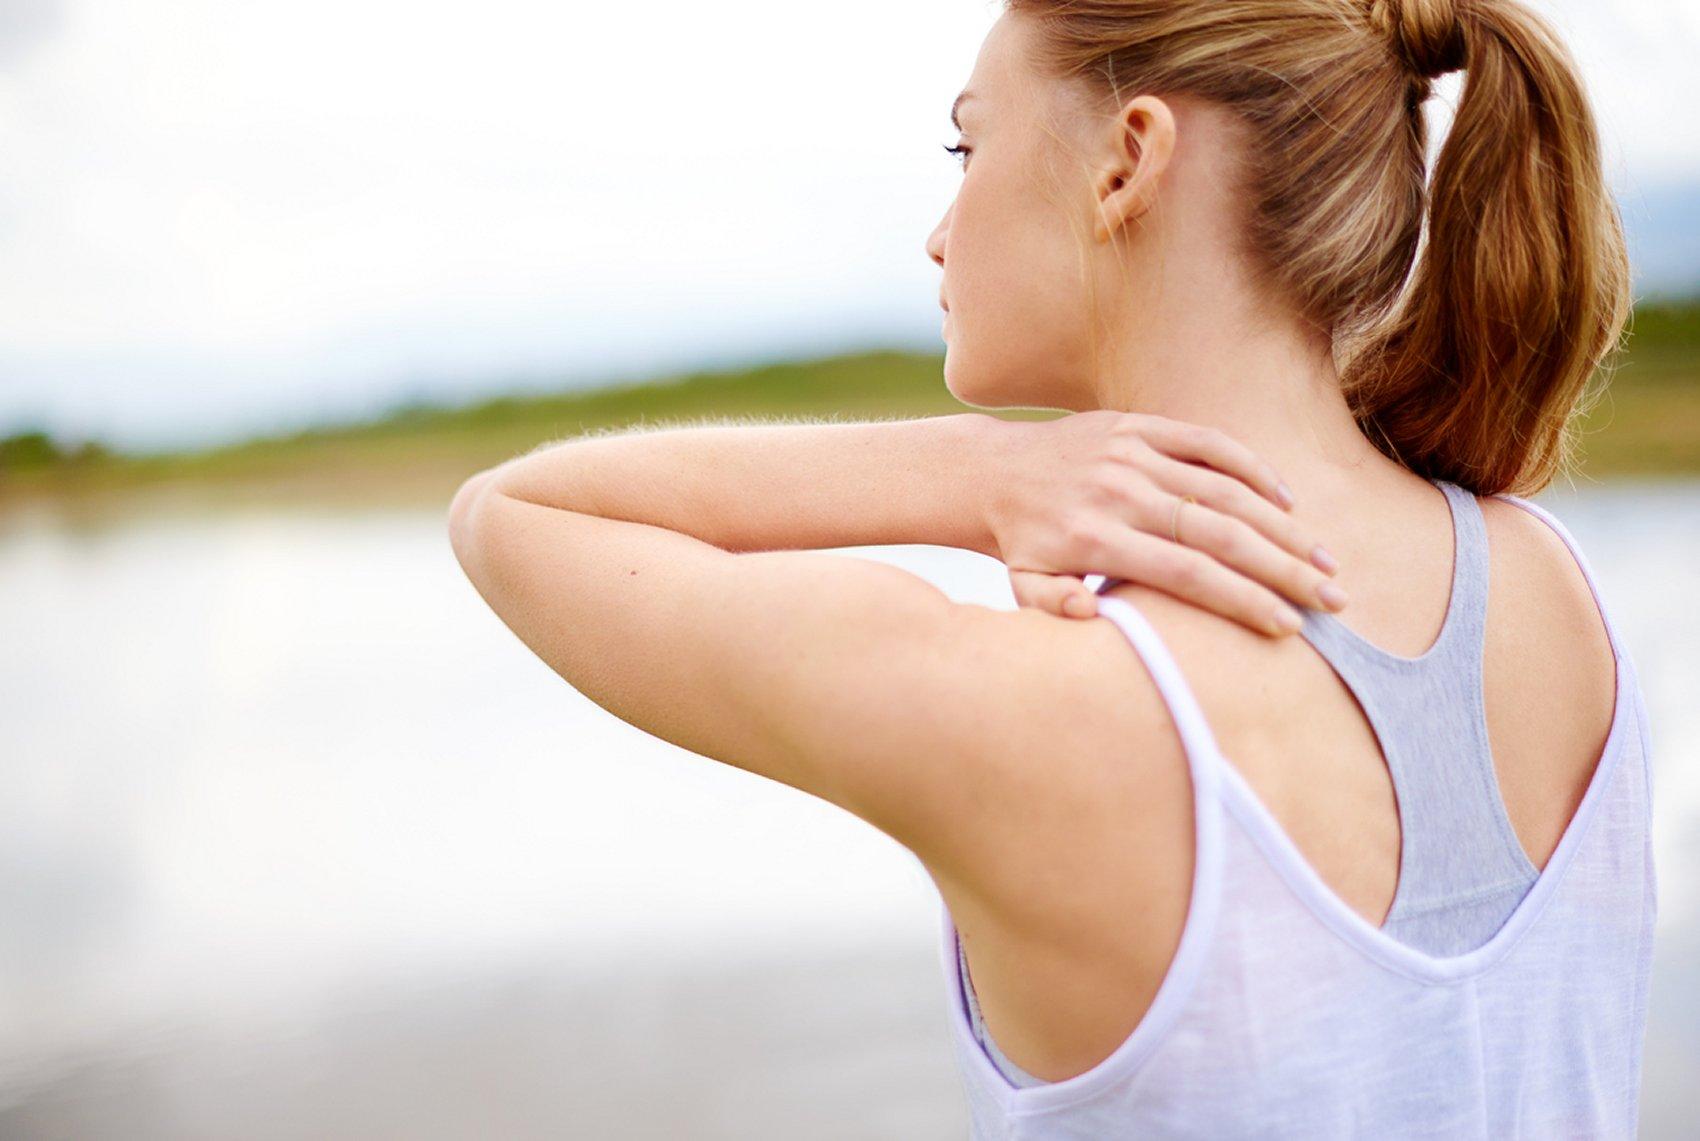 Ginnastica Posturale Gli Esercizi Per La Cervicale